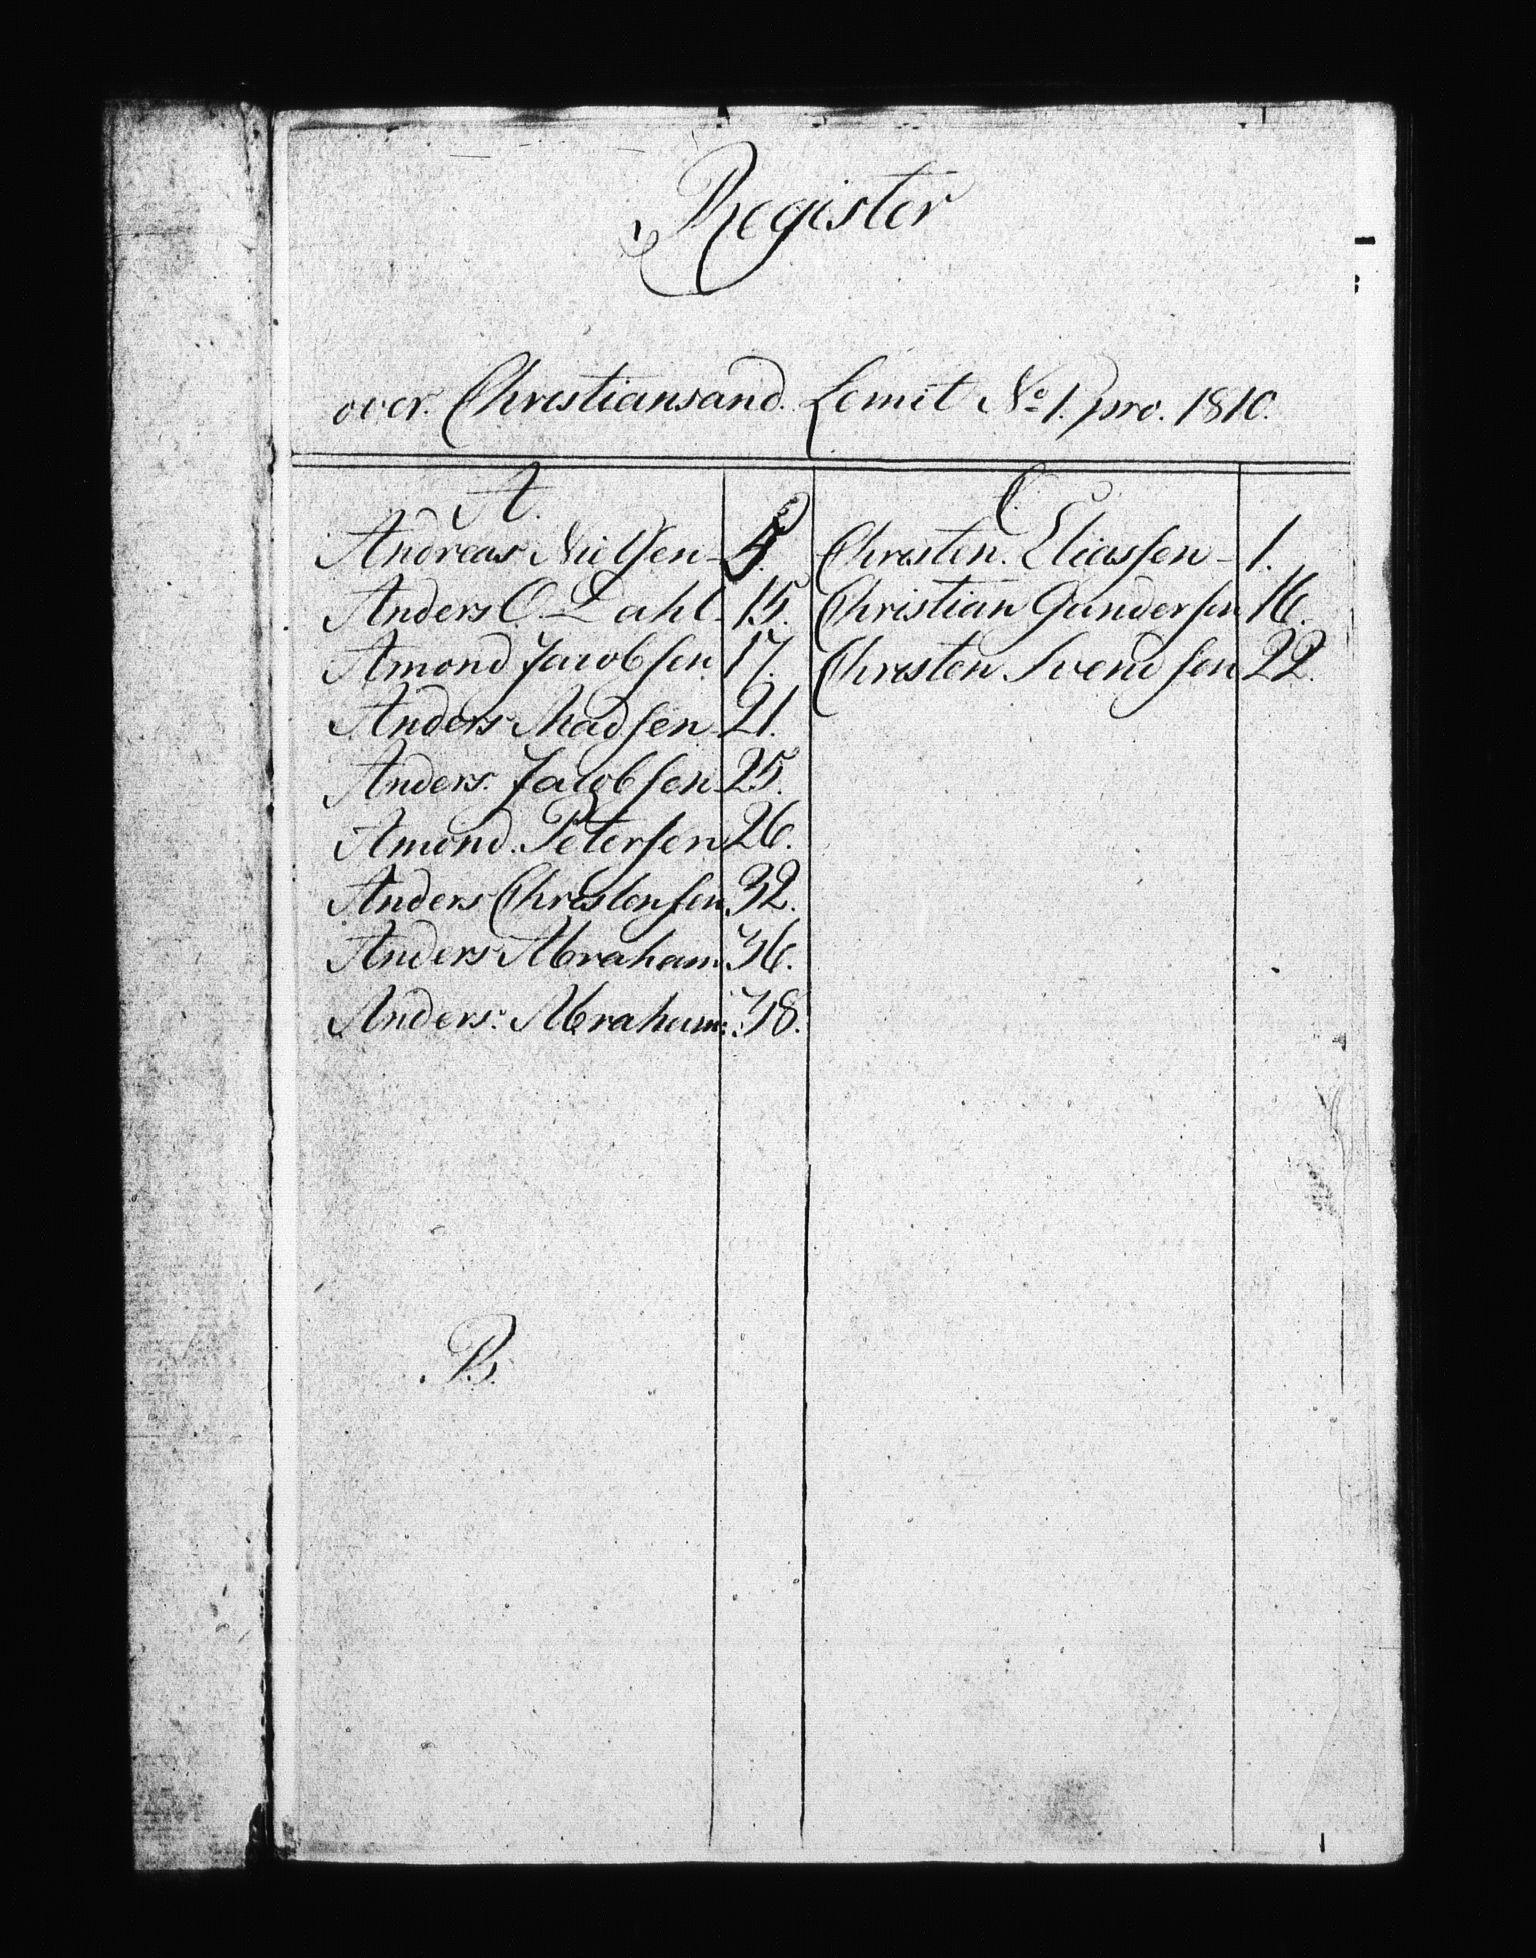 RA, Sjøetaten, F/L0104: Kristiansand limitter, bind 1, 1810